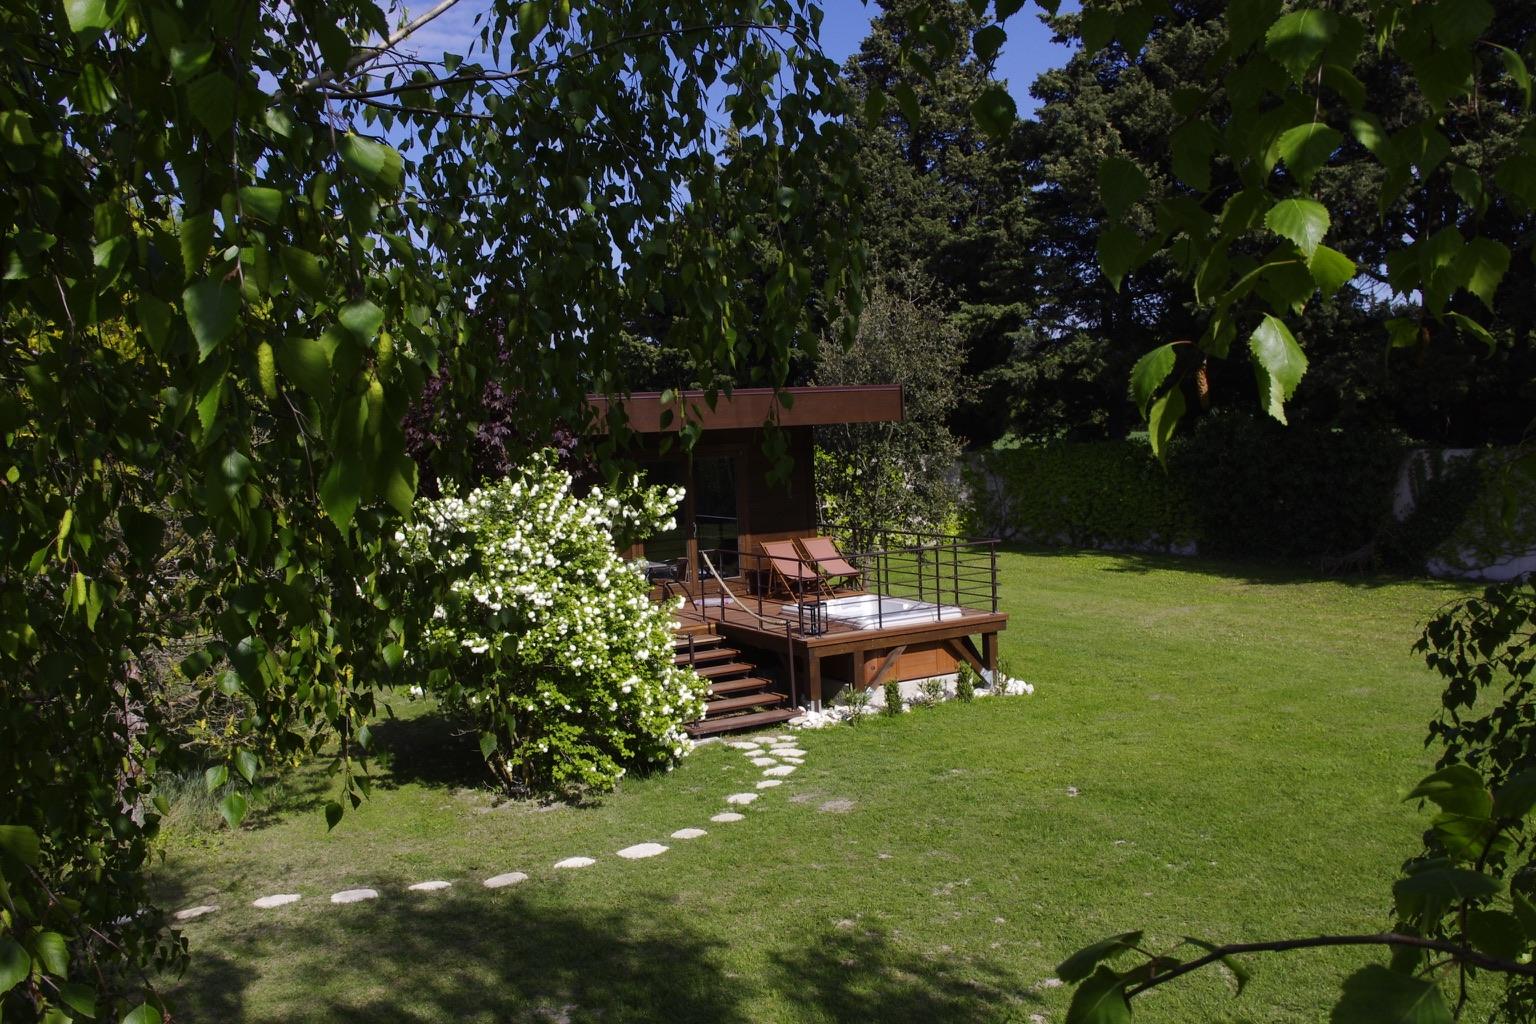 Die Hütte mit Spa in dem Park